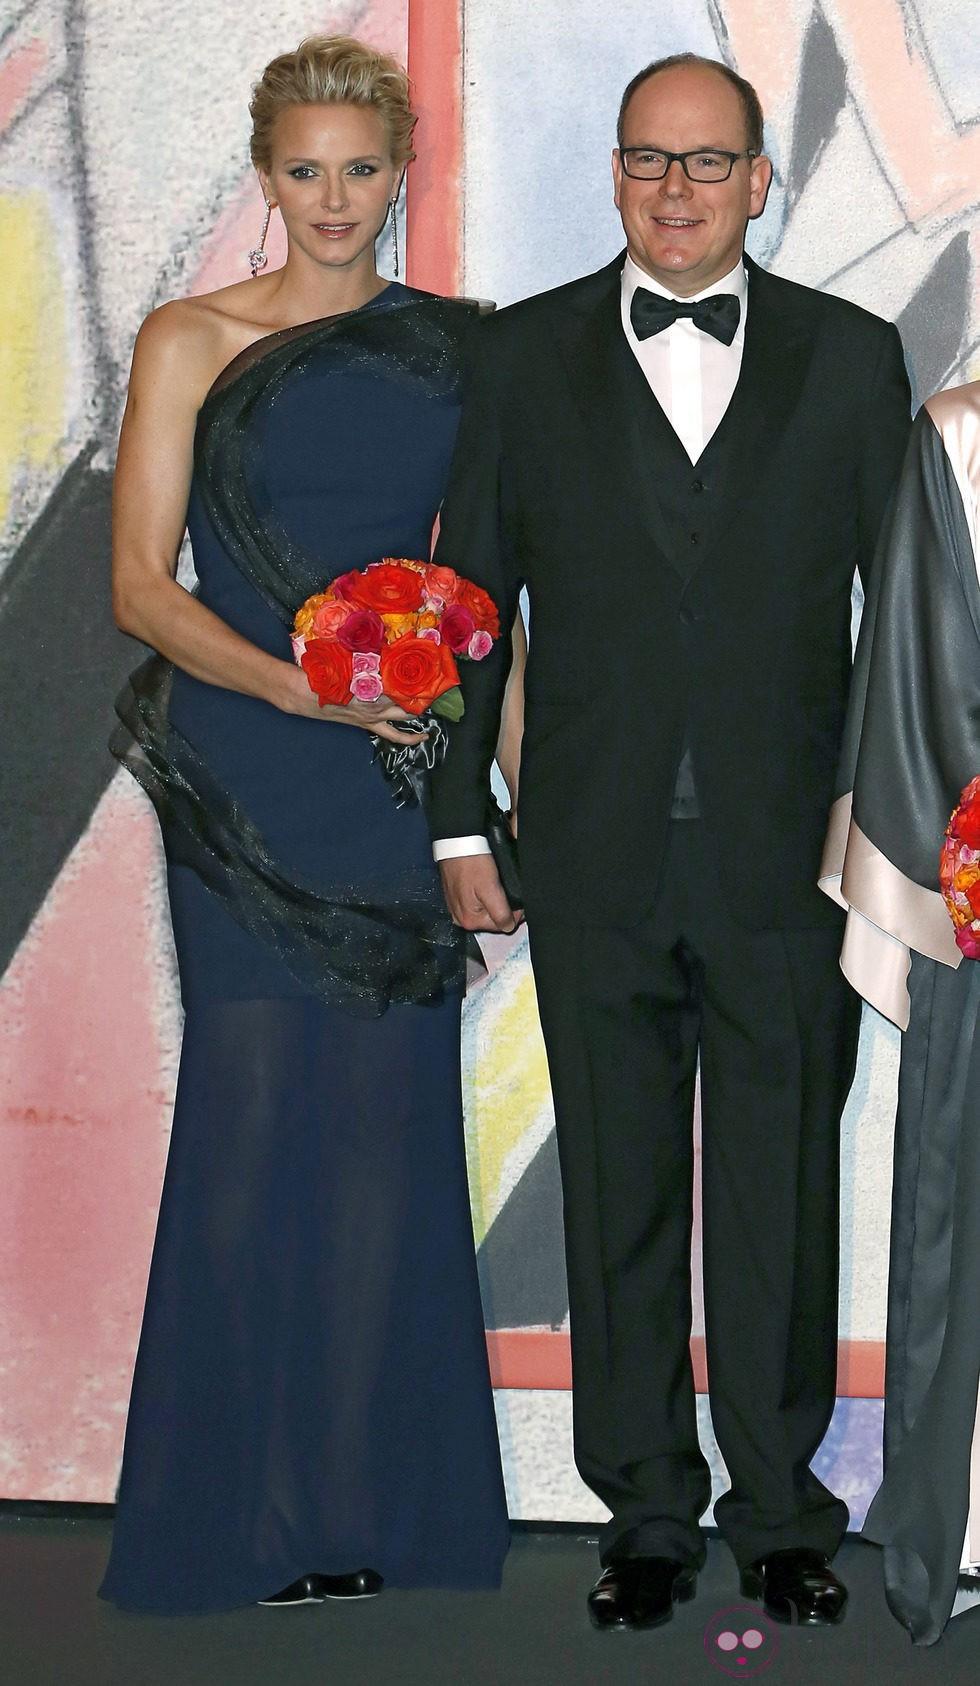 La Princesa Charlene y el Príncipe Alberto en el Baile de la Rosa de Mónaco 2014